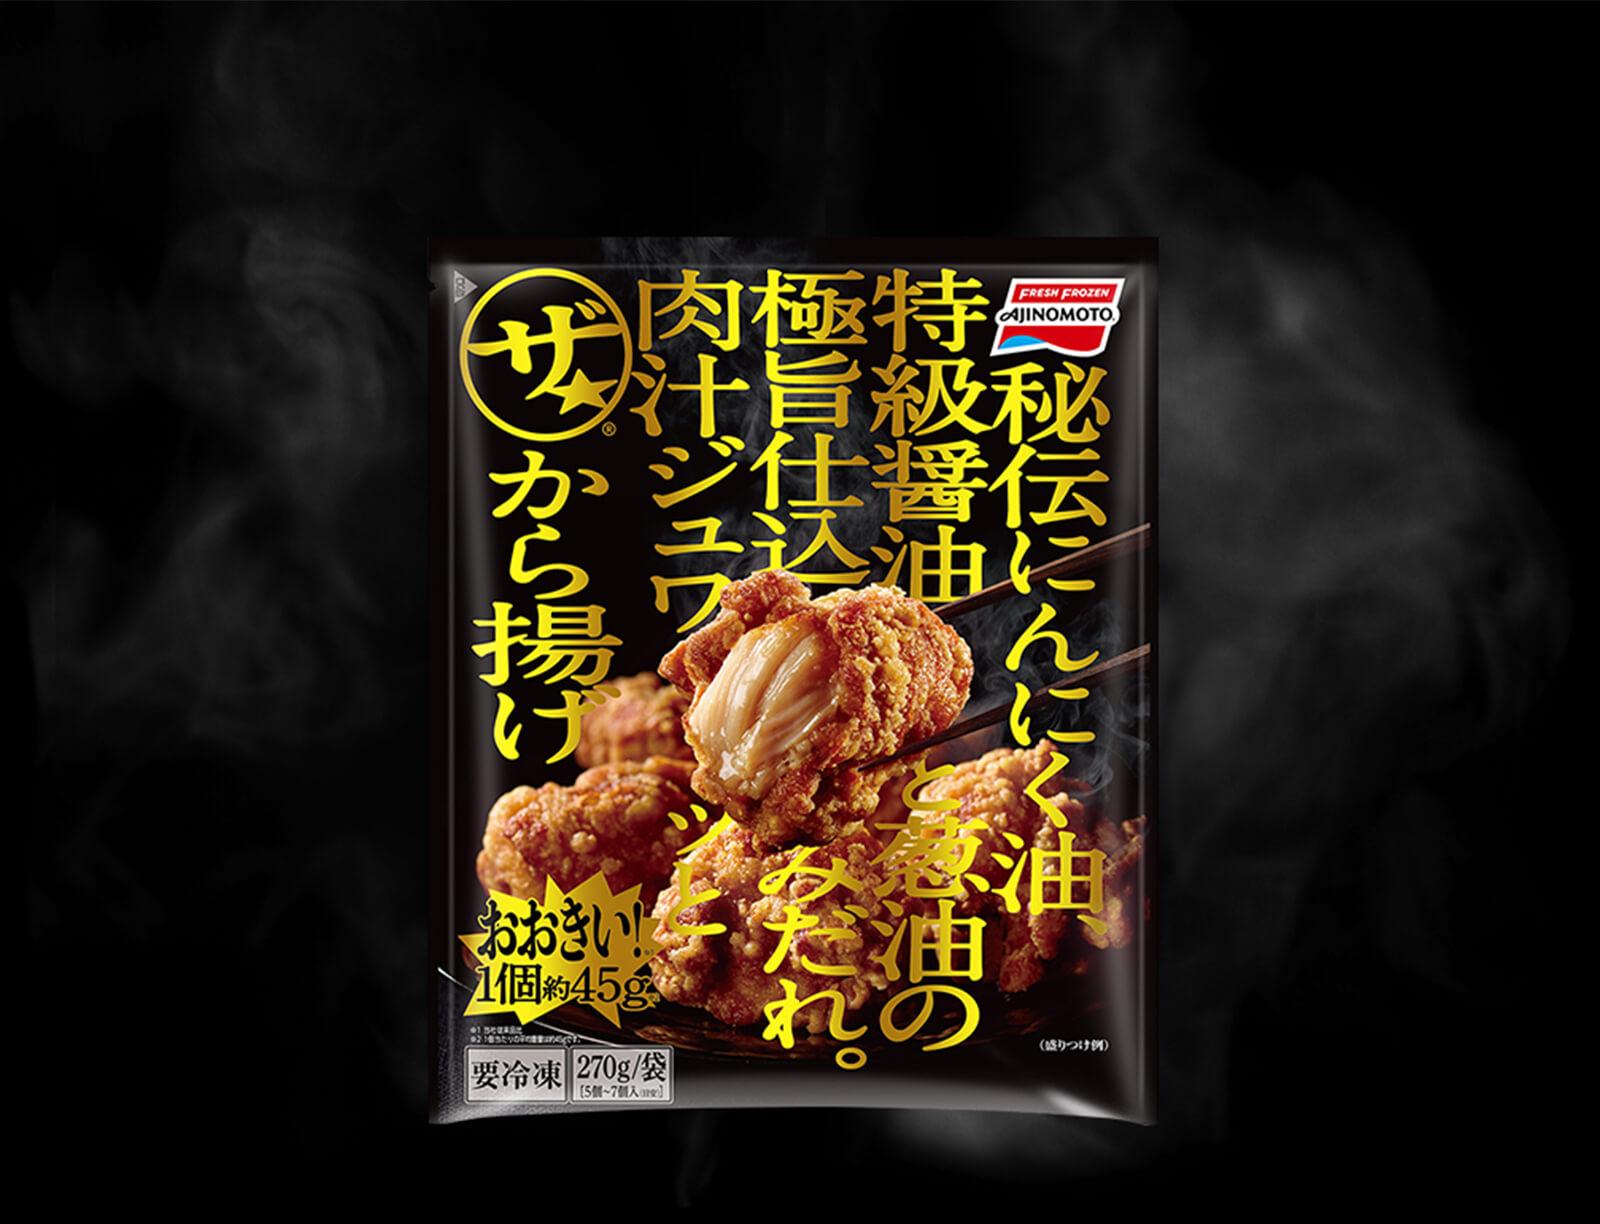 【画像】味の素のザ☆シリーズ新商品もはや何を書いてるか分からない